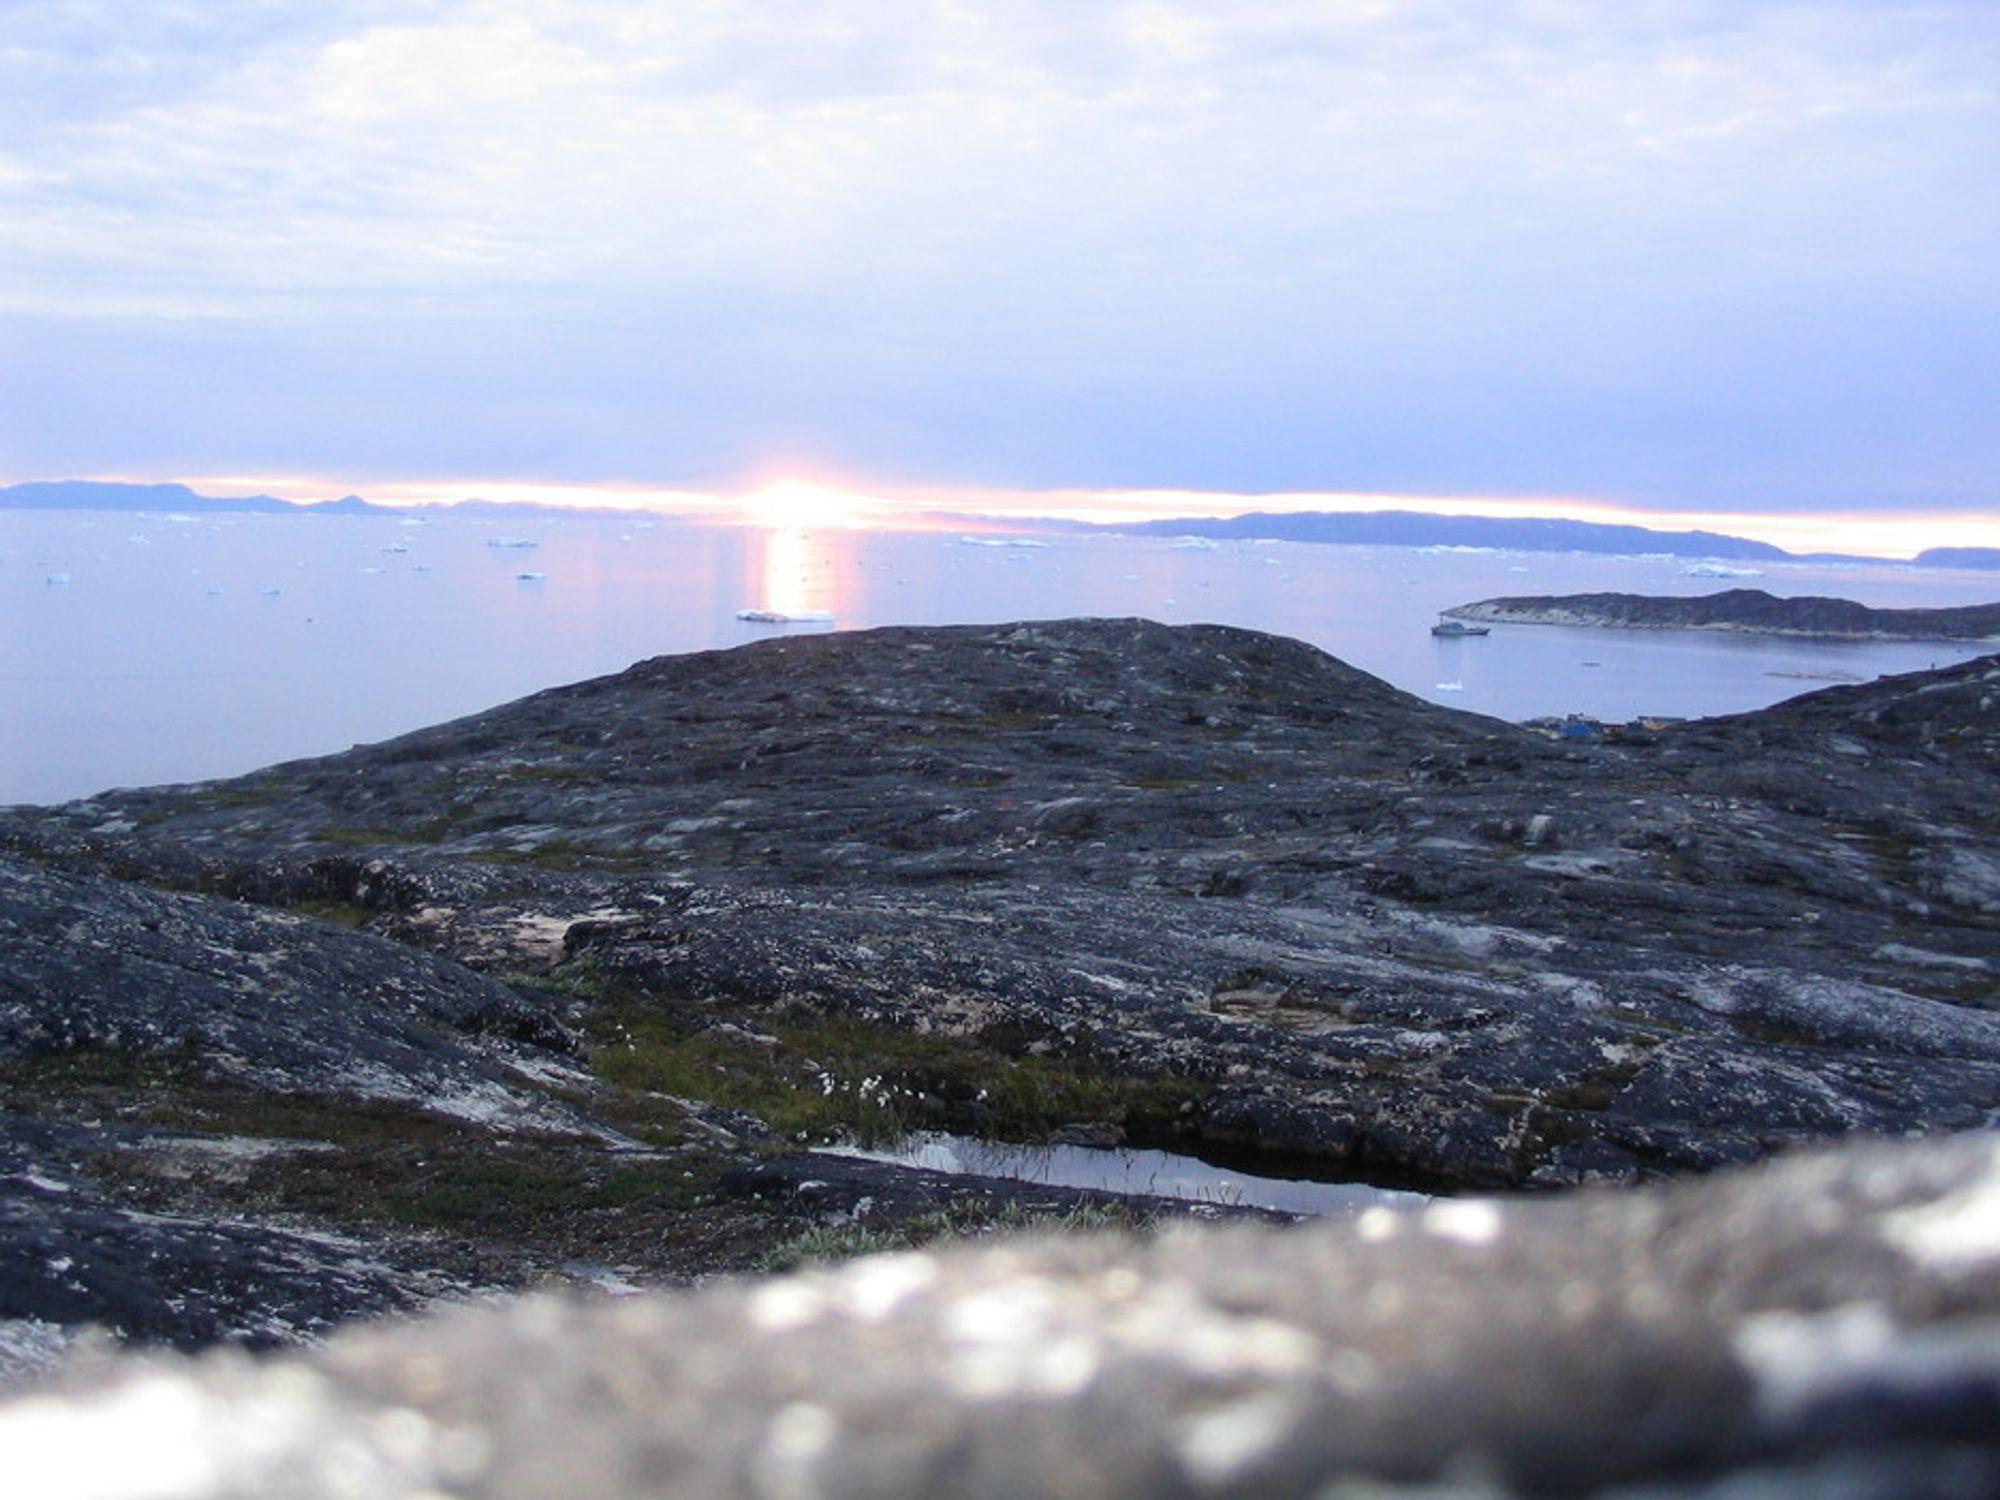 SPENNENDE: Statoil tror havene utenfor Grønland kan gjemme store olje- og gassforekomster.